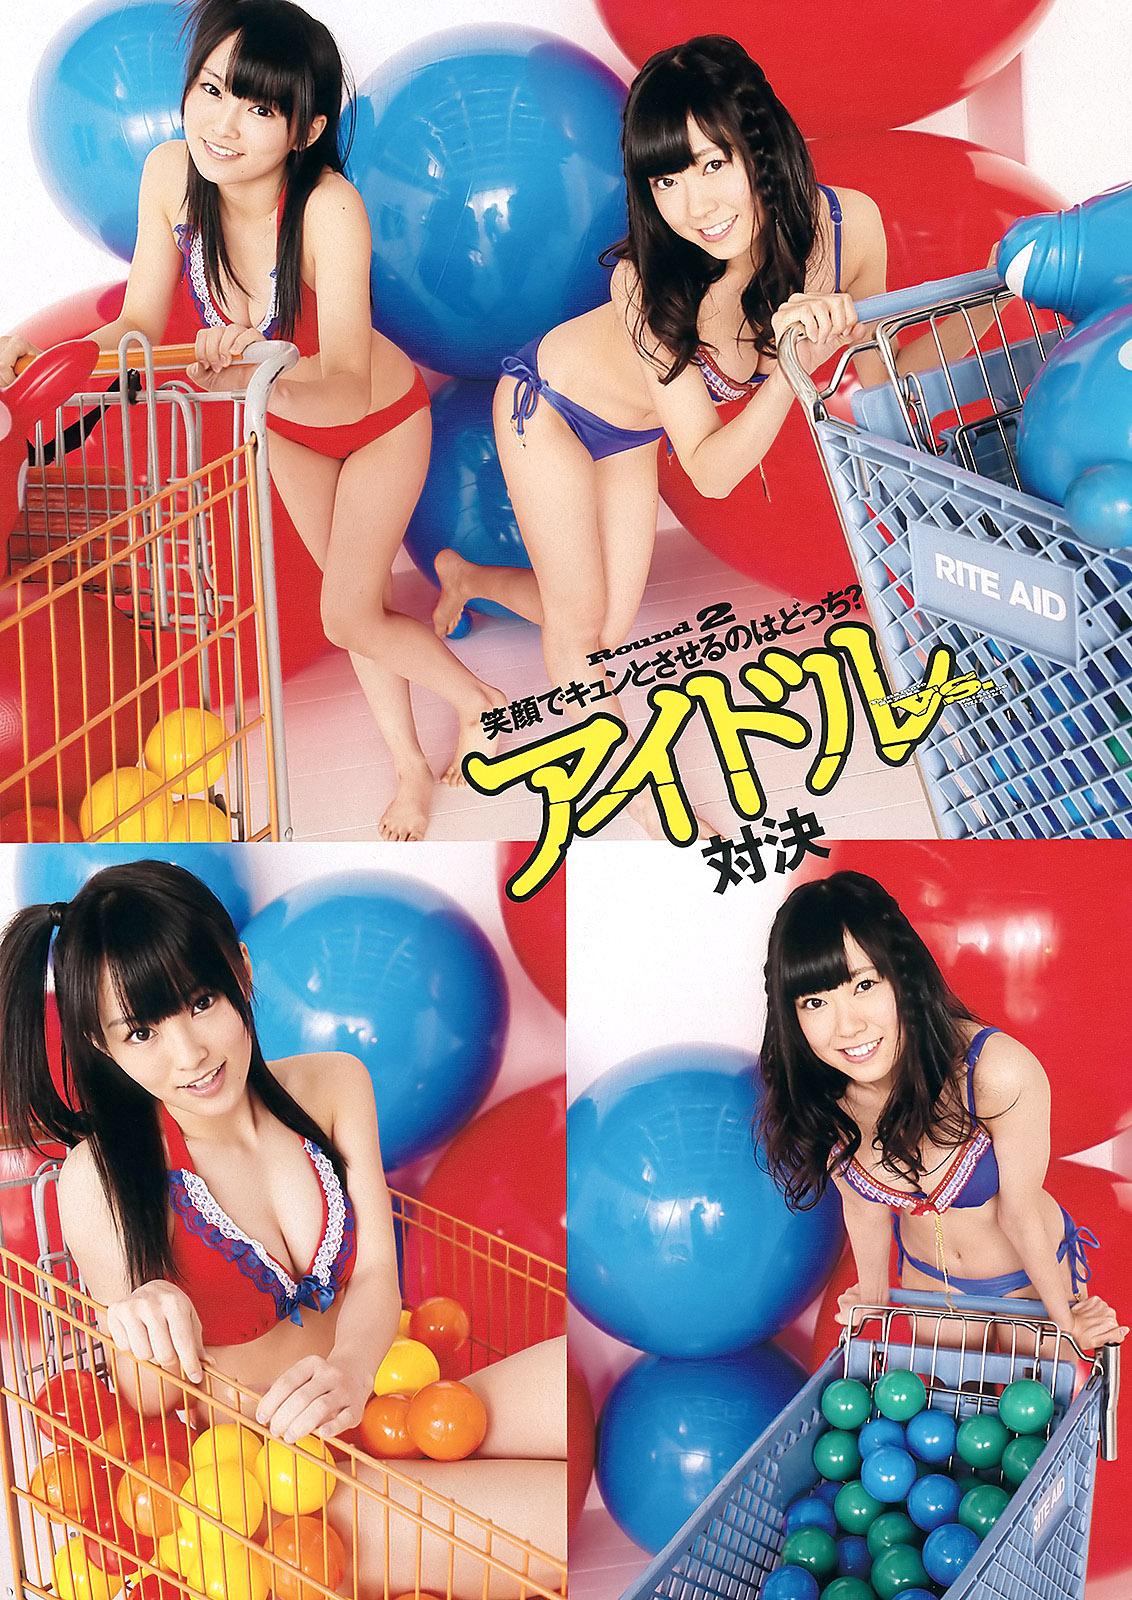 SYamamoto MiWatanabe WPB 120220 04.jpg